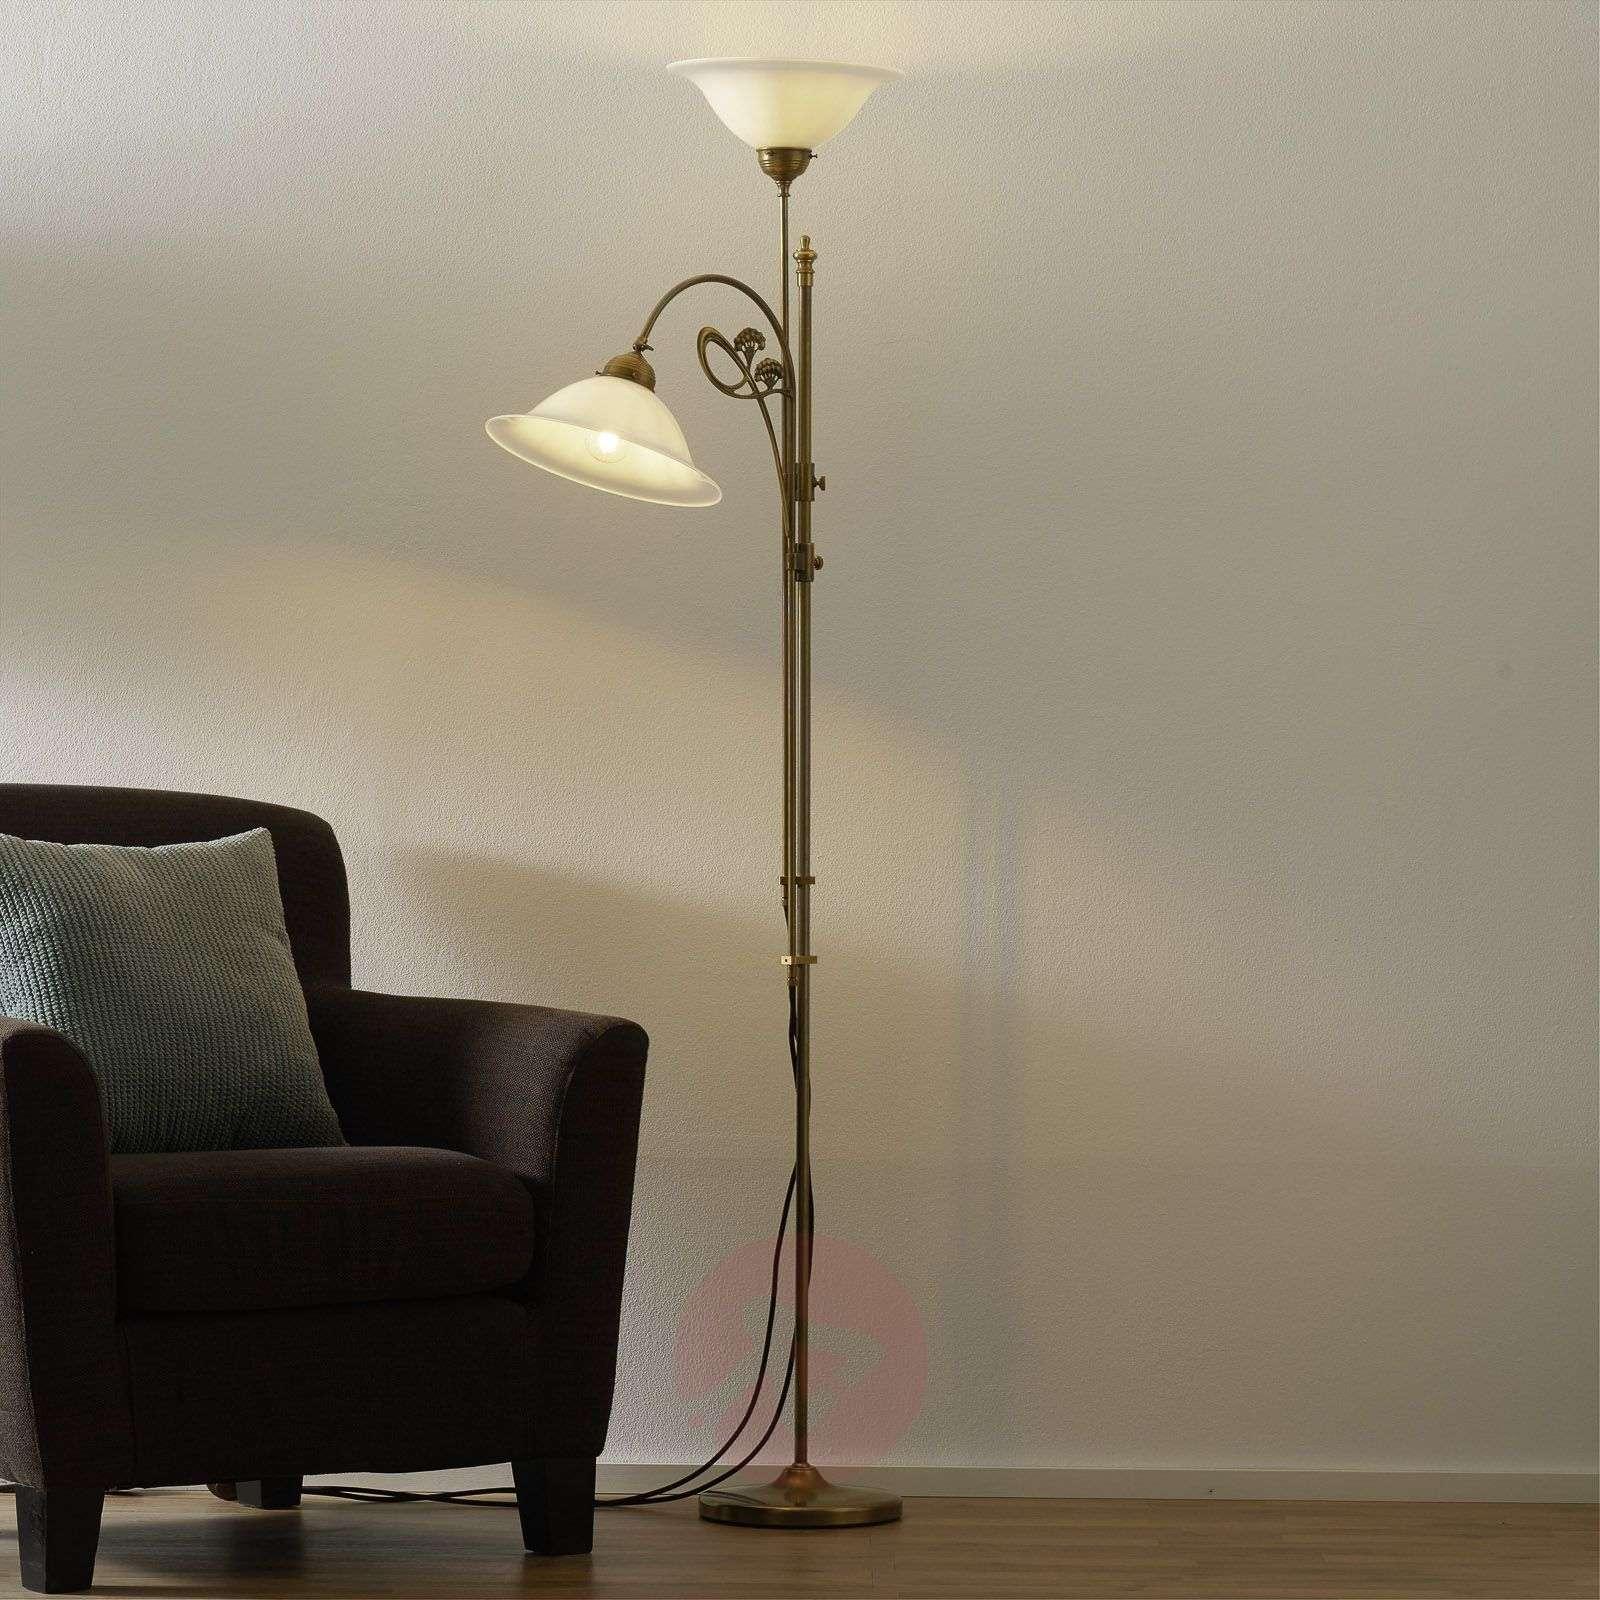 Messinkinen Alwine-lattiavalaisin, kaksilamppuinen-1542009-01